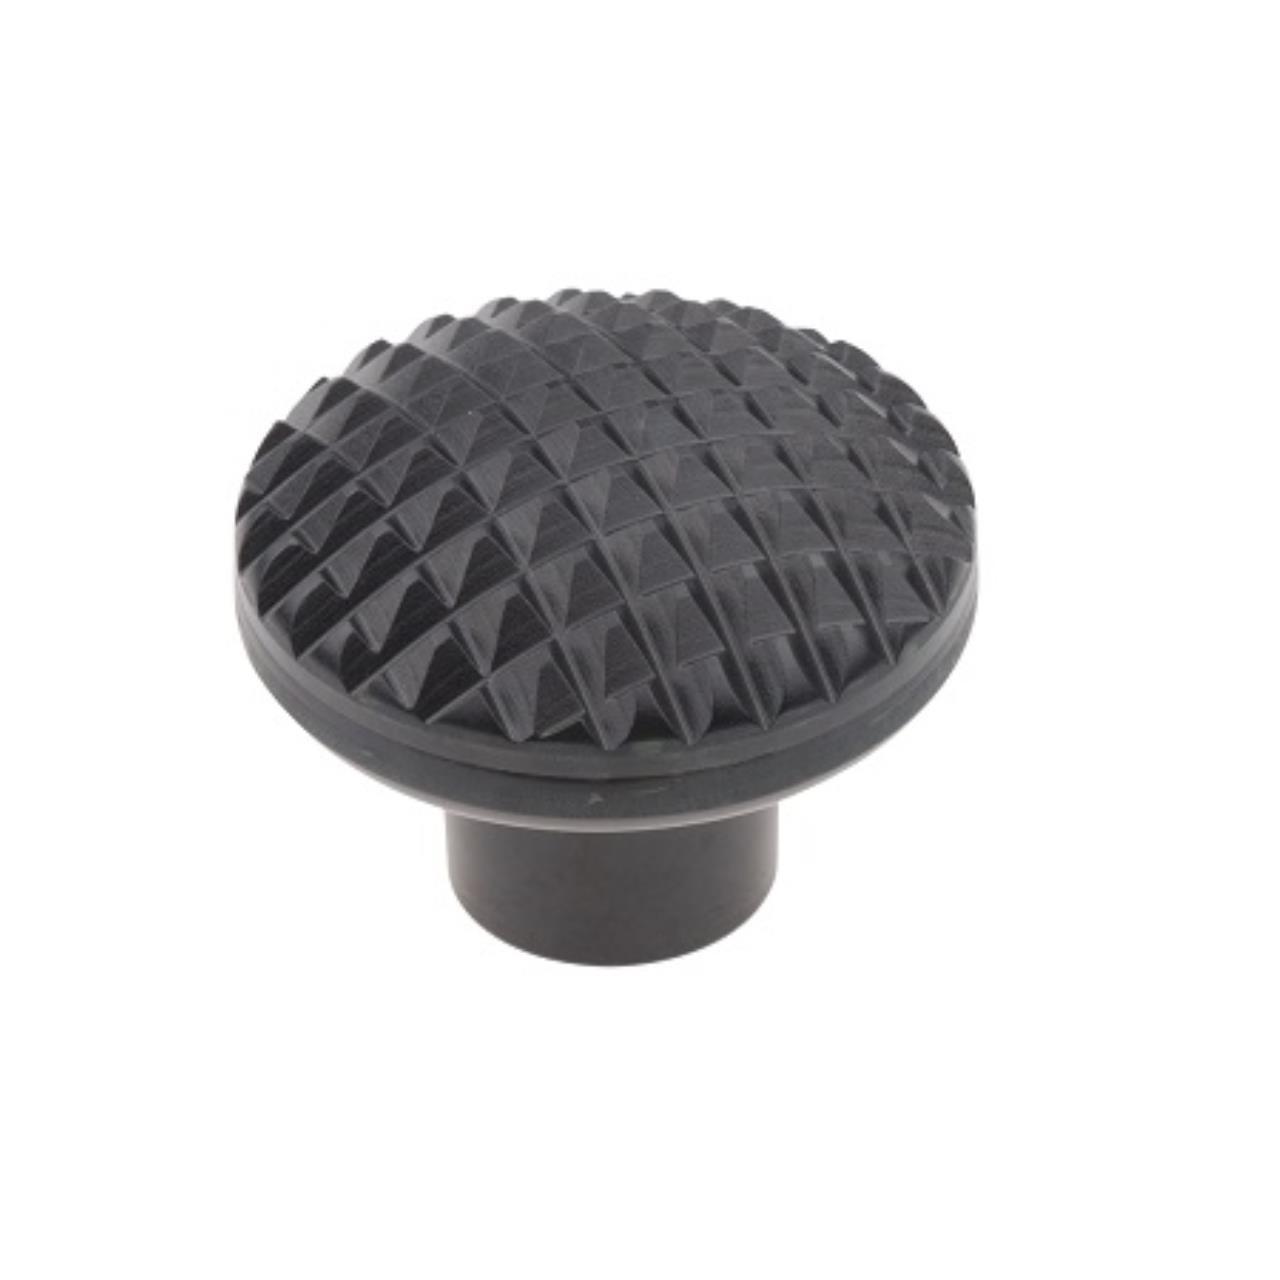 Husqvarna pedalknob, bakpedal